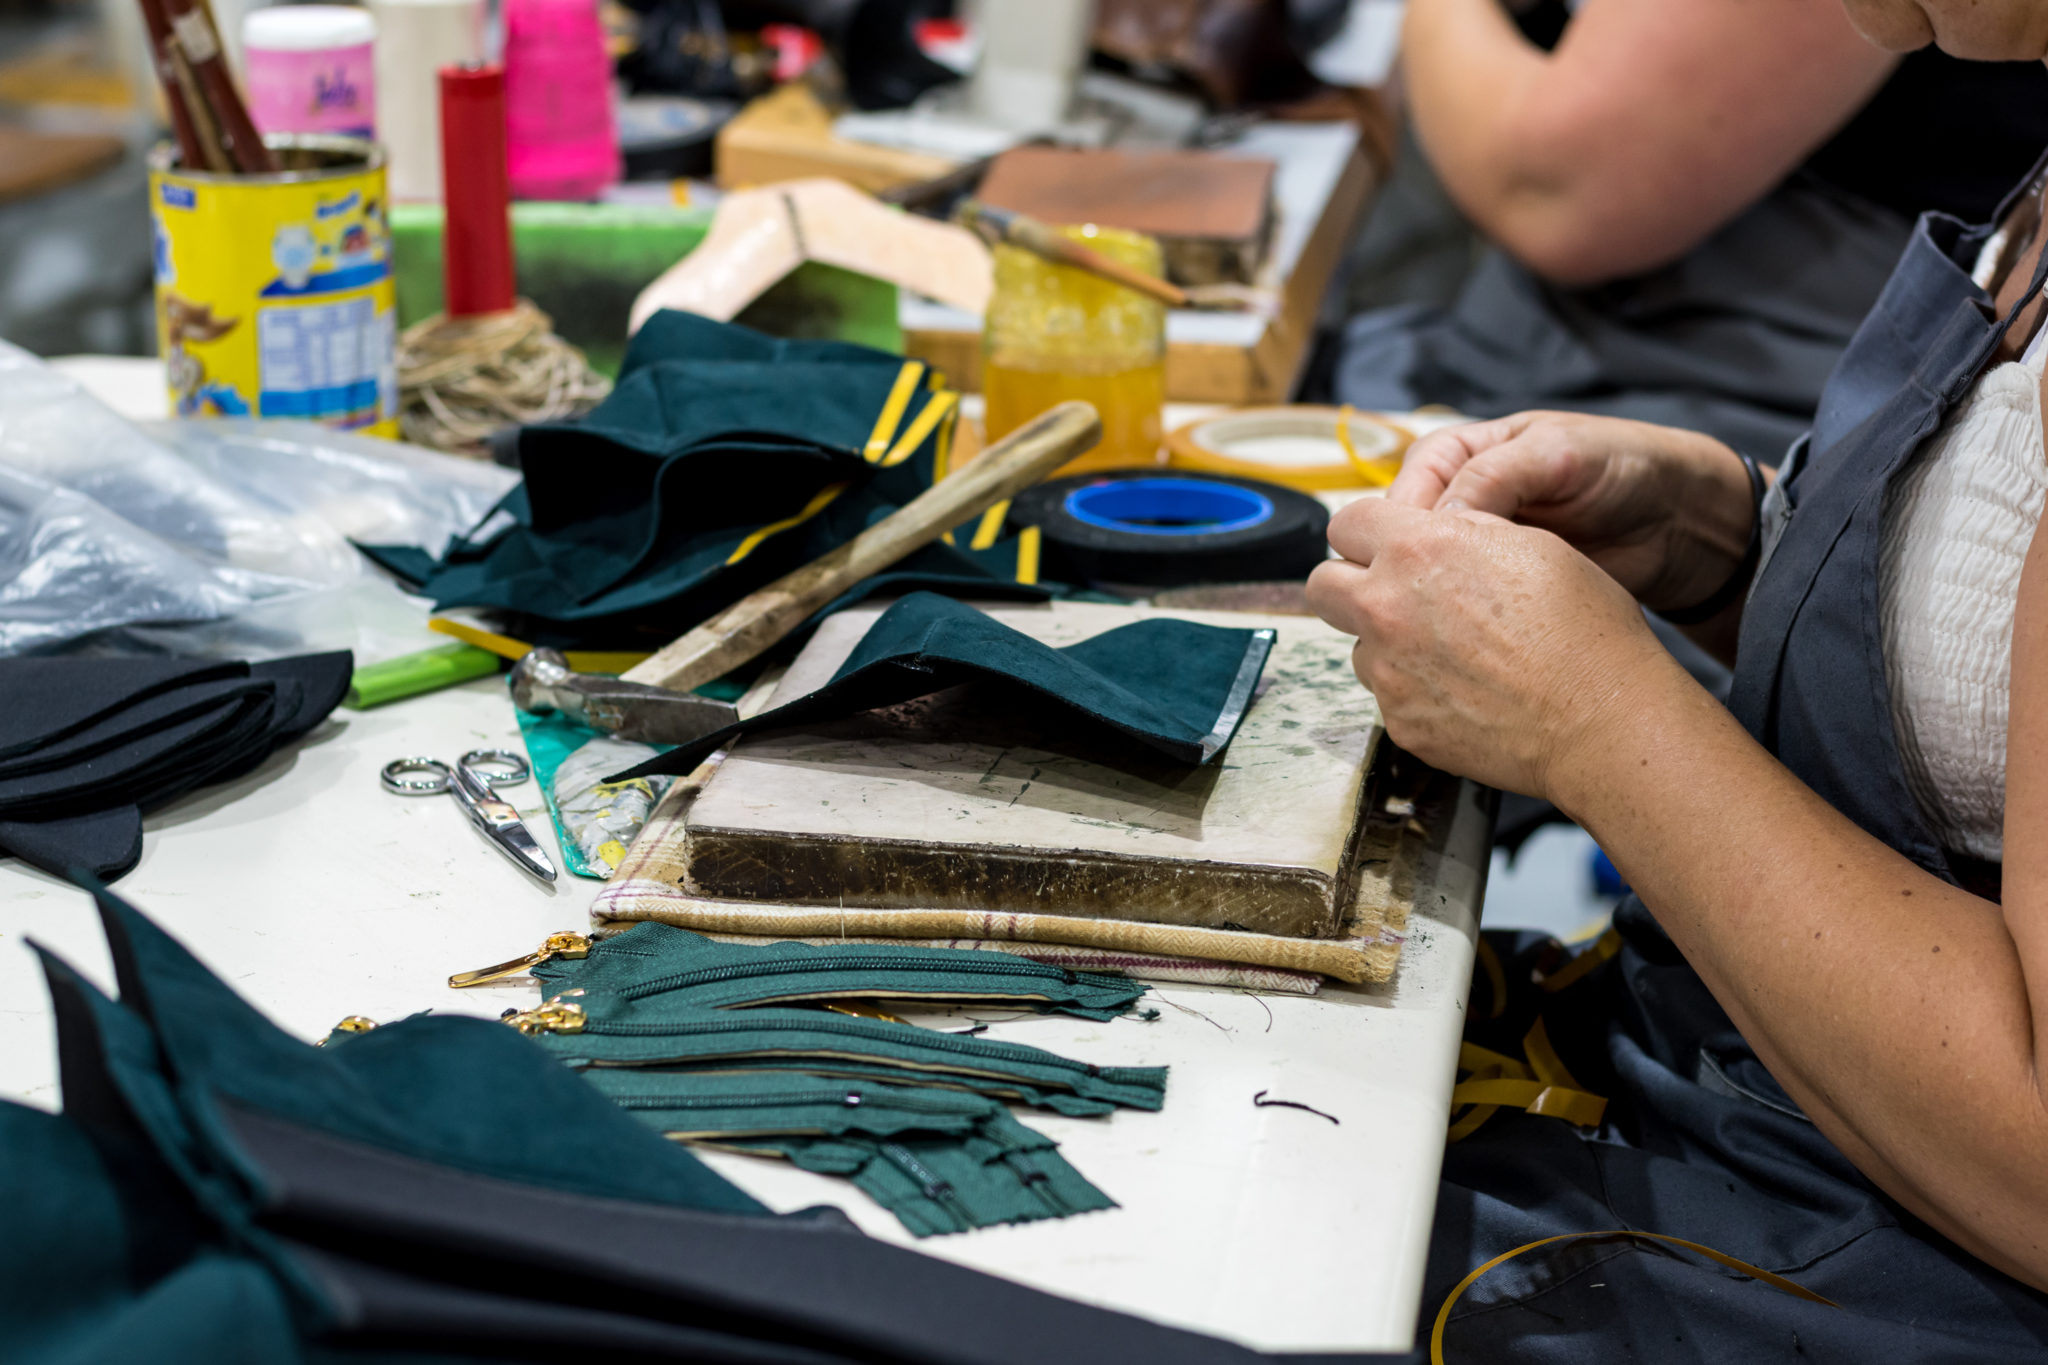 Fabrication chaussures vegan écologiques au Portugal par Minuit sur Terre